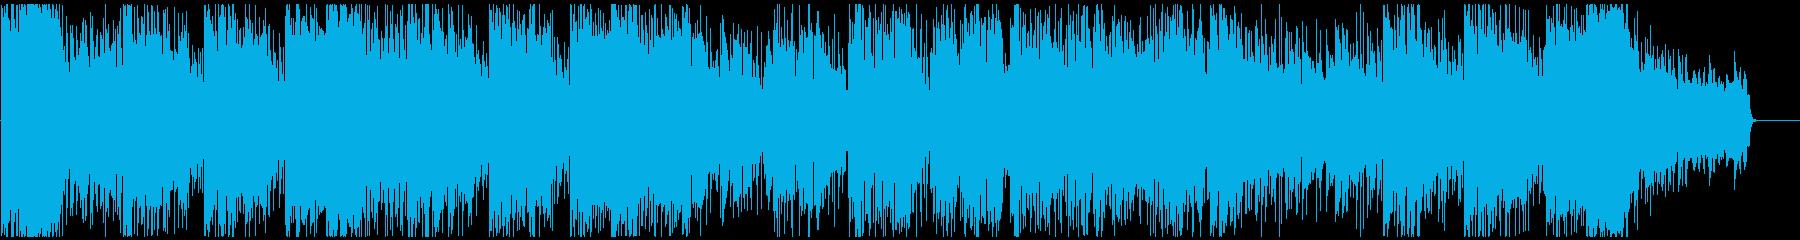 怪盗系ハードボイルドジャズ サックス生録の再生済みの波形